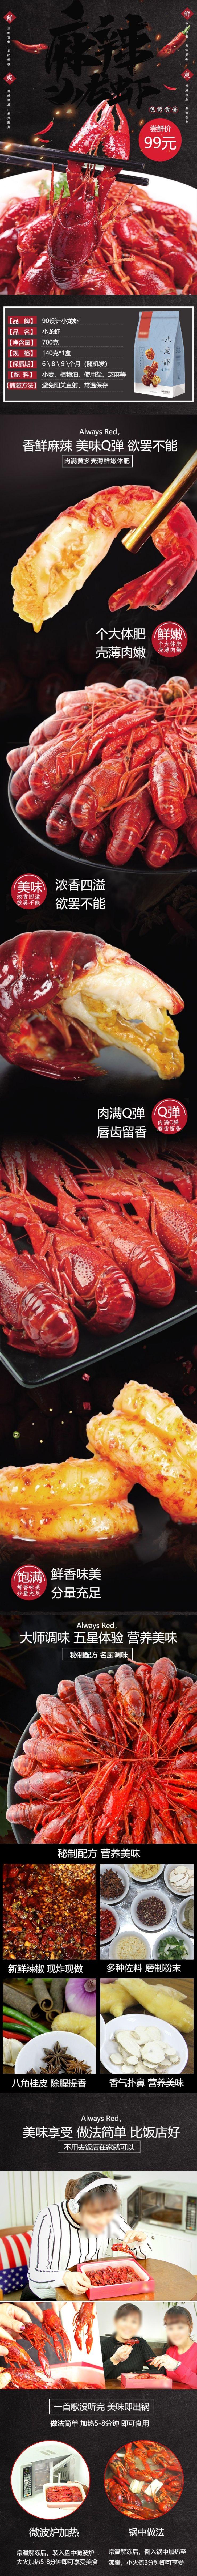 时尚美味龙虾食品电商详情页